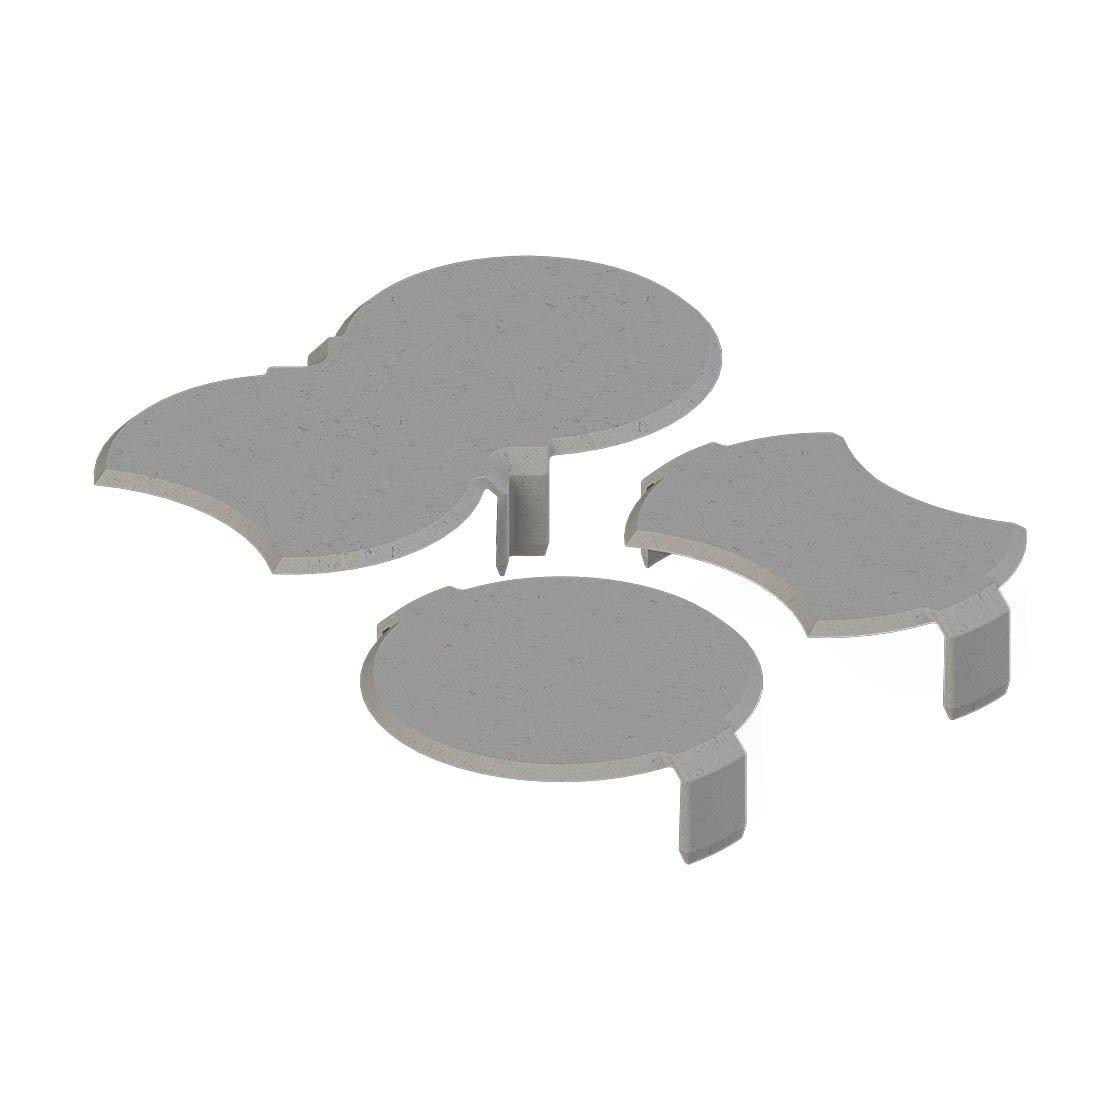 bio rasenkante schneckenbremse granitgrau schneckenschutz schnecken fernhaltemittel. Black Bedroom Furniture Sets. Home Design Ideas